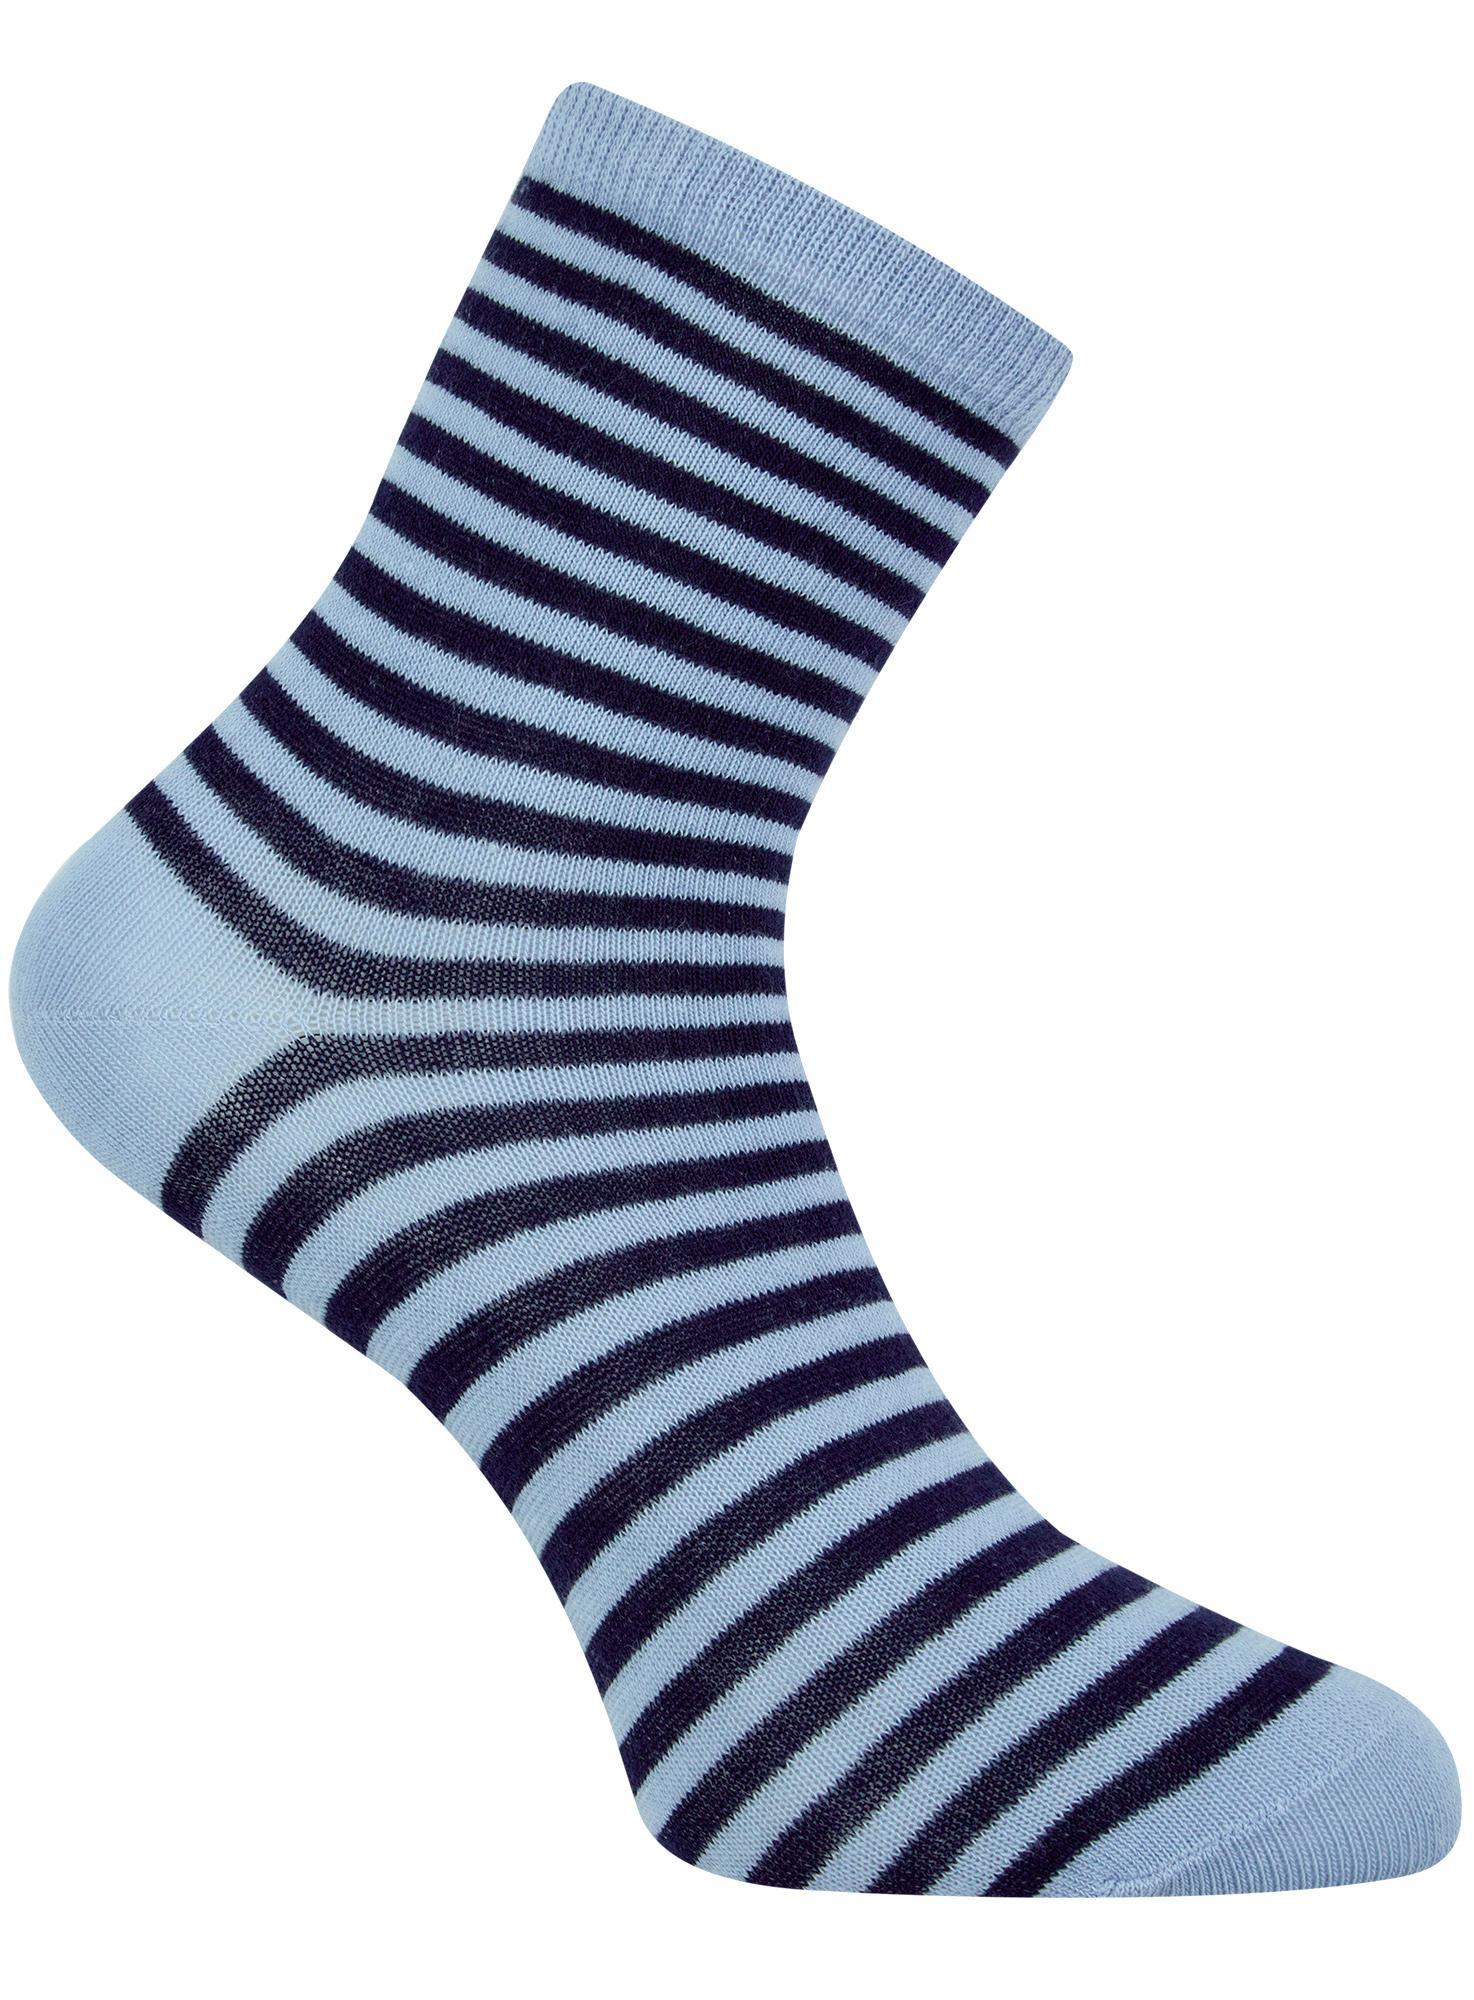 Носки базовые хлопковые oodji для женщины (синий), 57102466B/47469/7079S